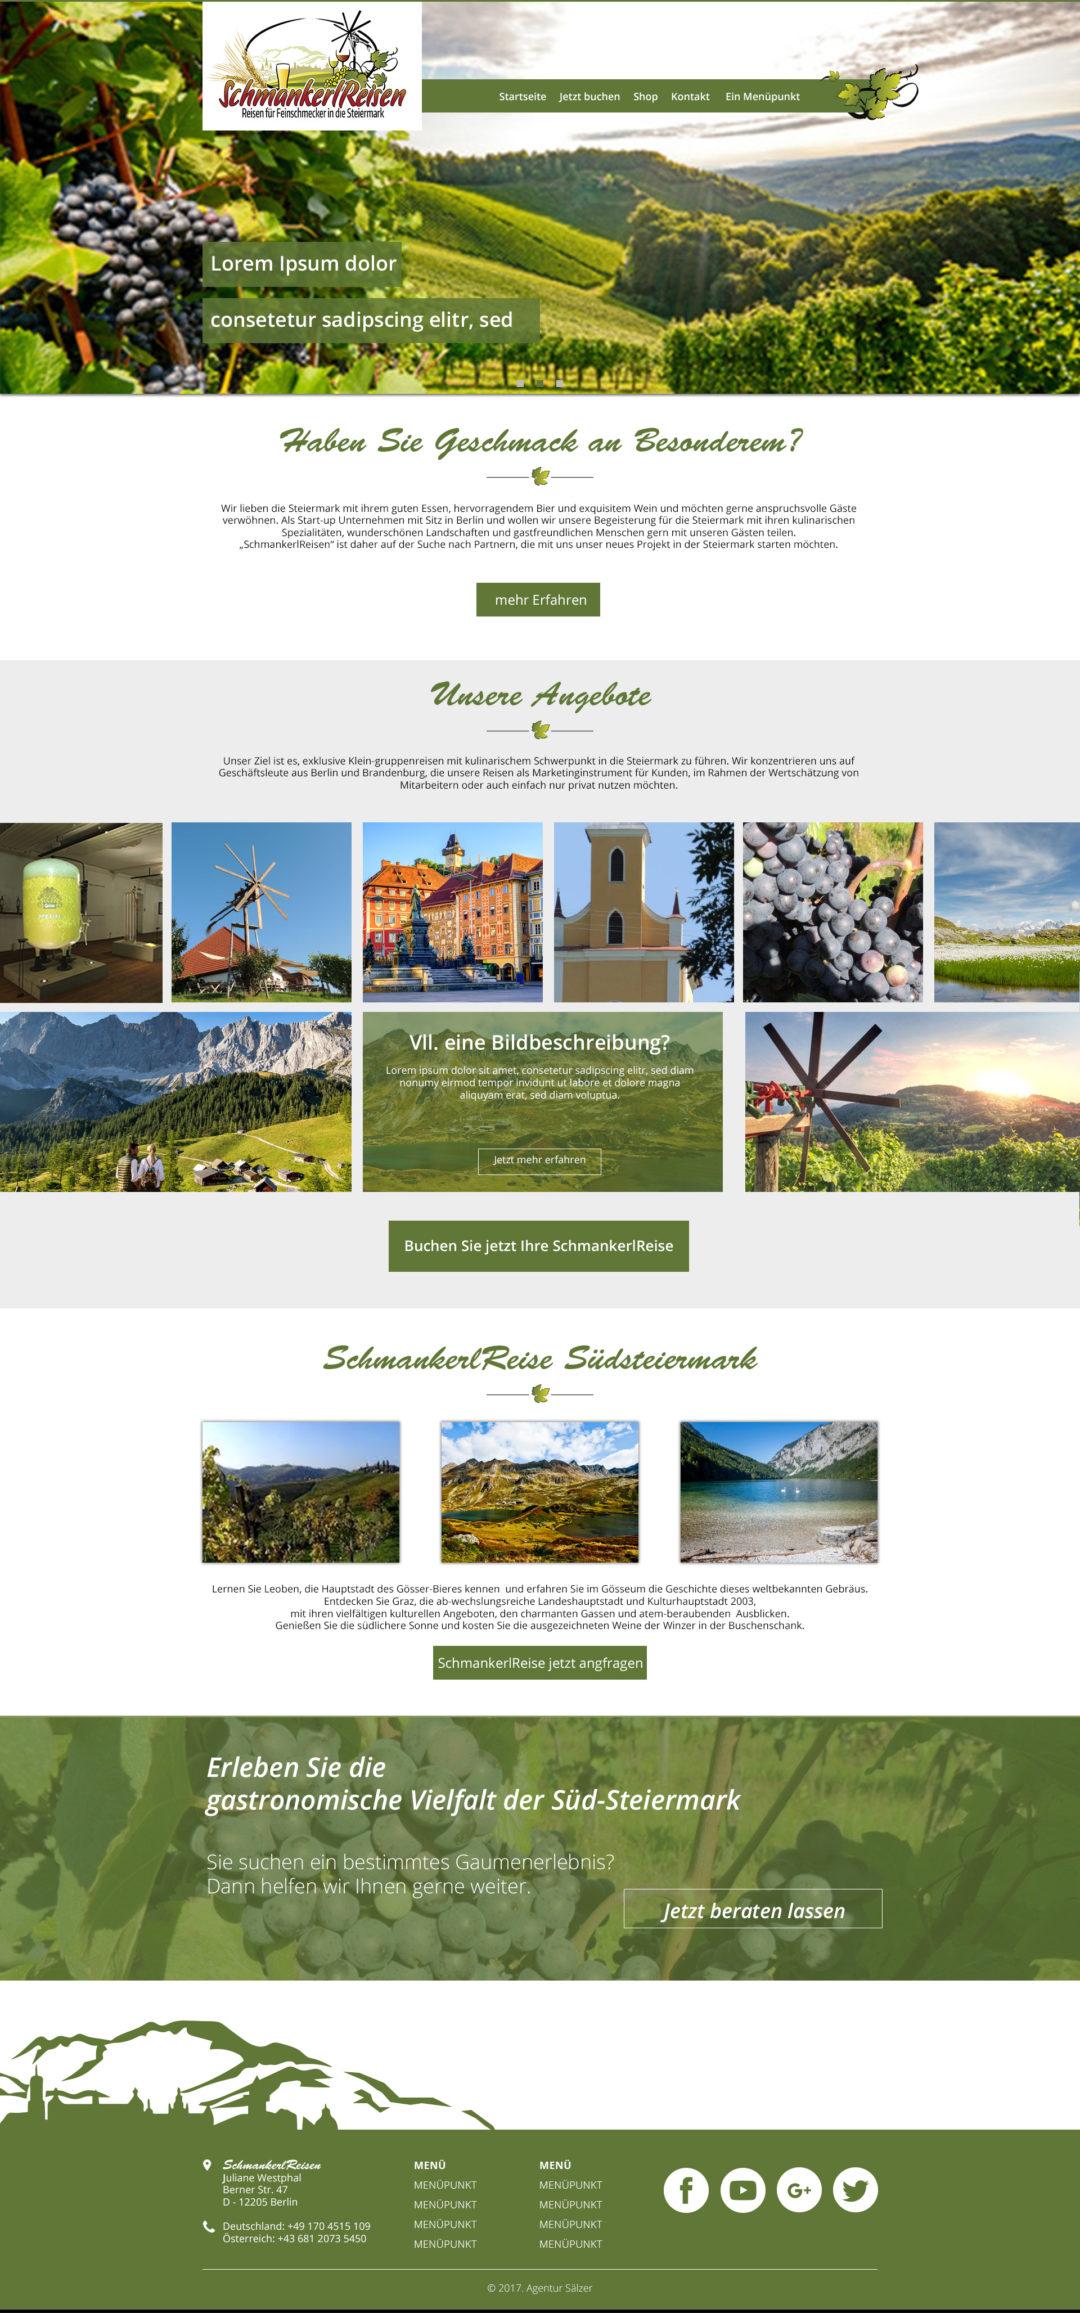 Design Schmanckerlreisen